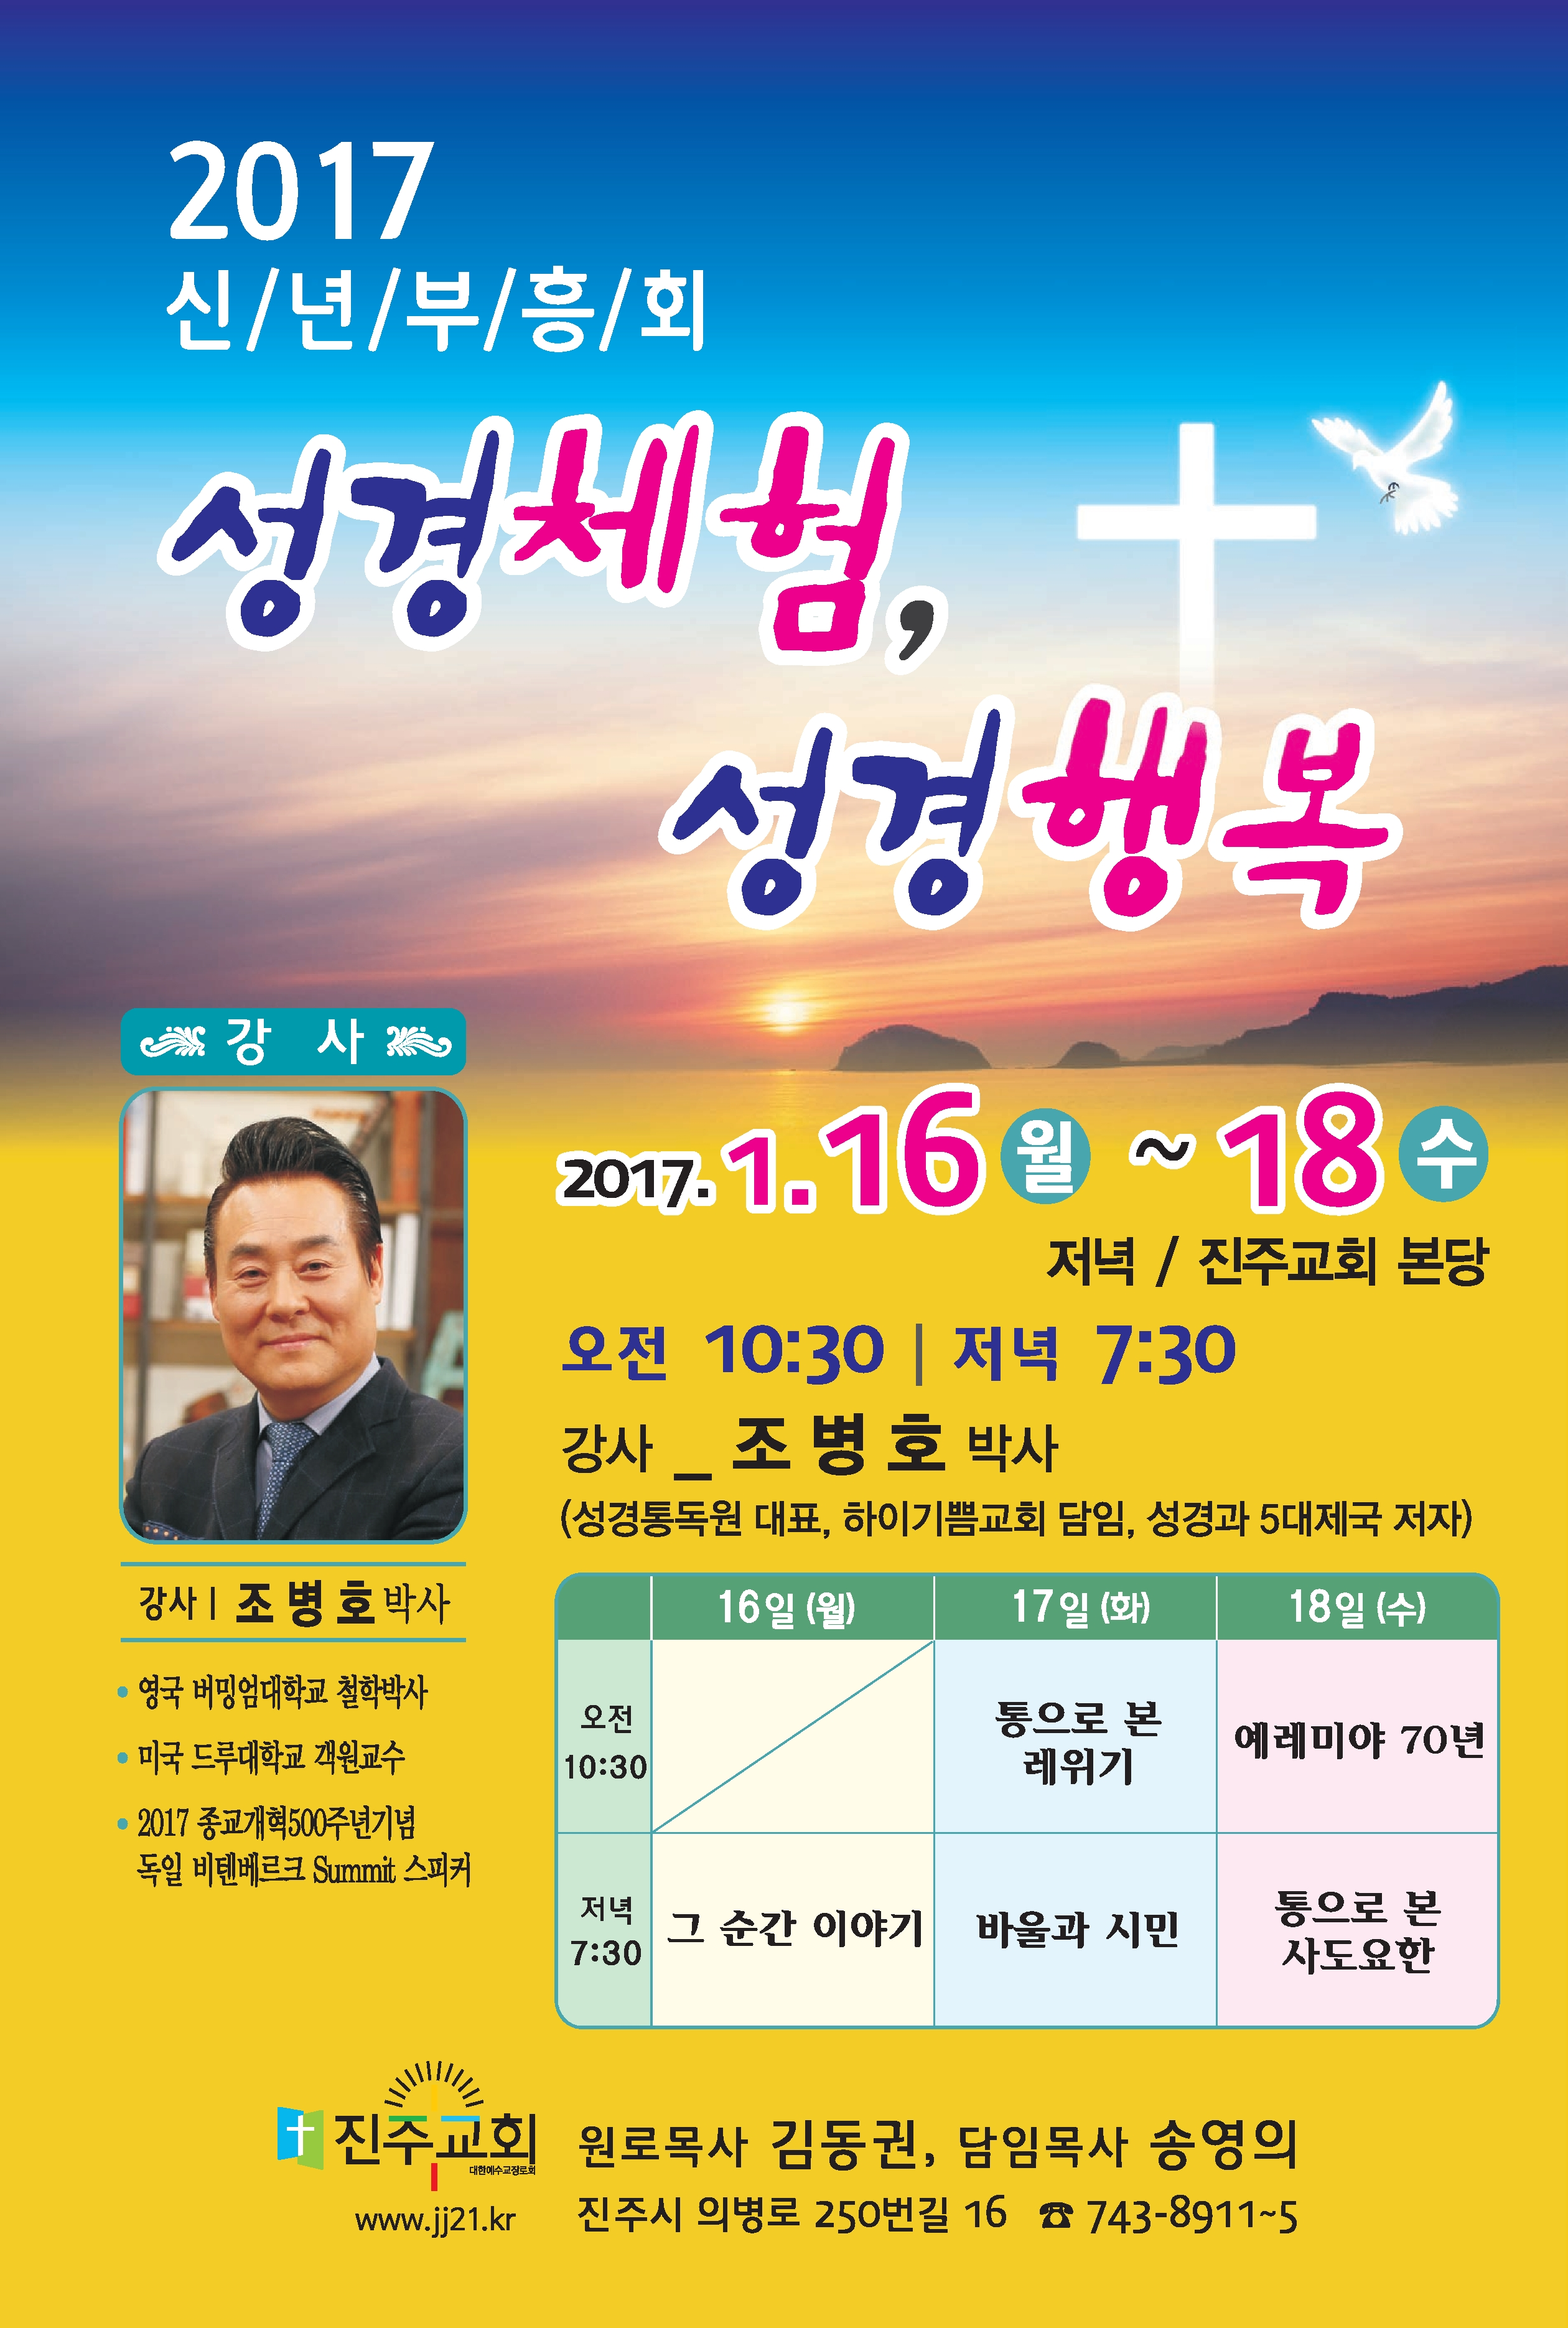 2017 신년부흥회3_시안_축소파일.jpg